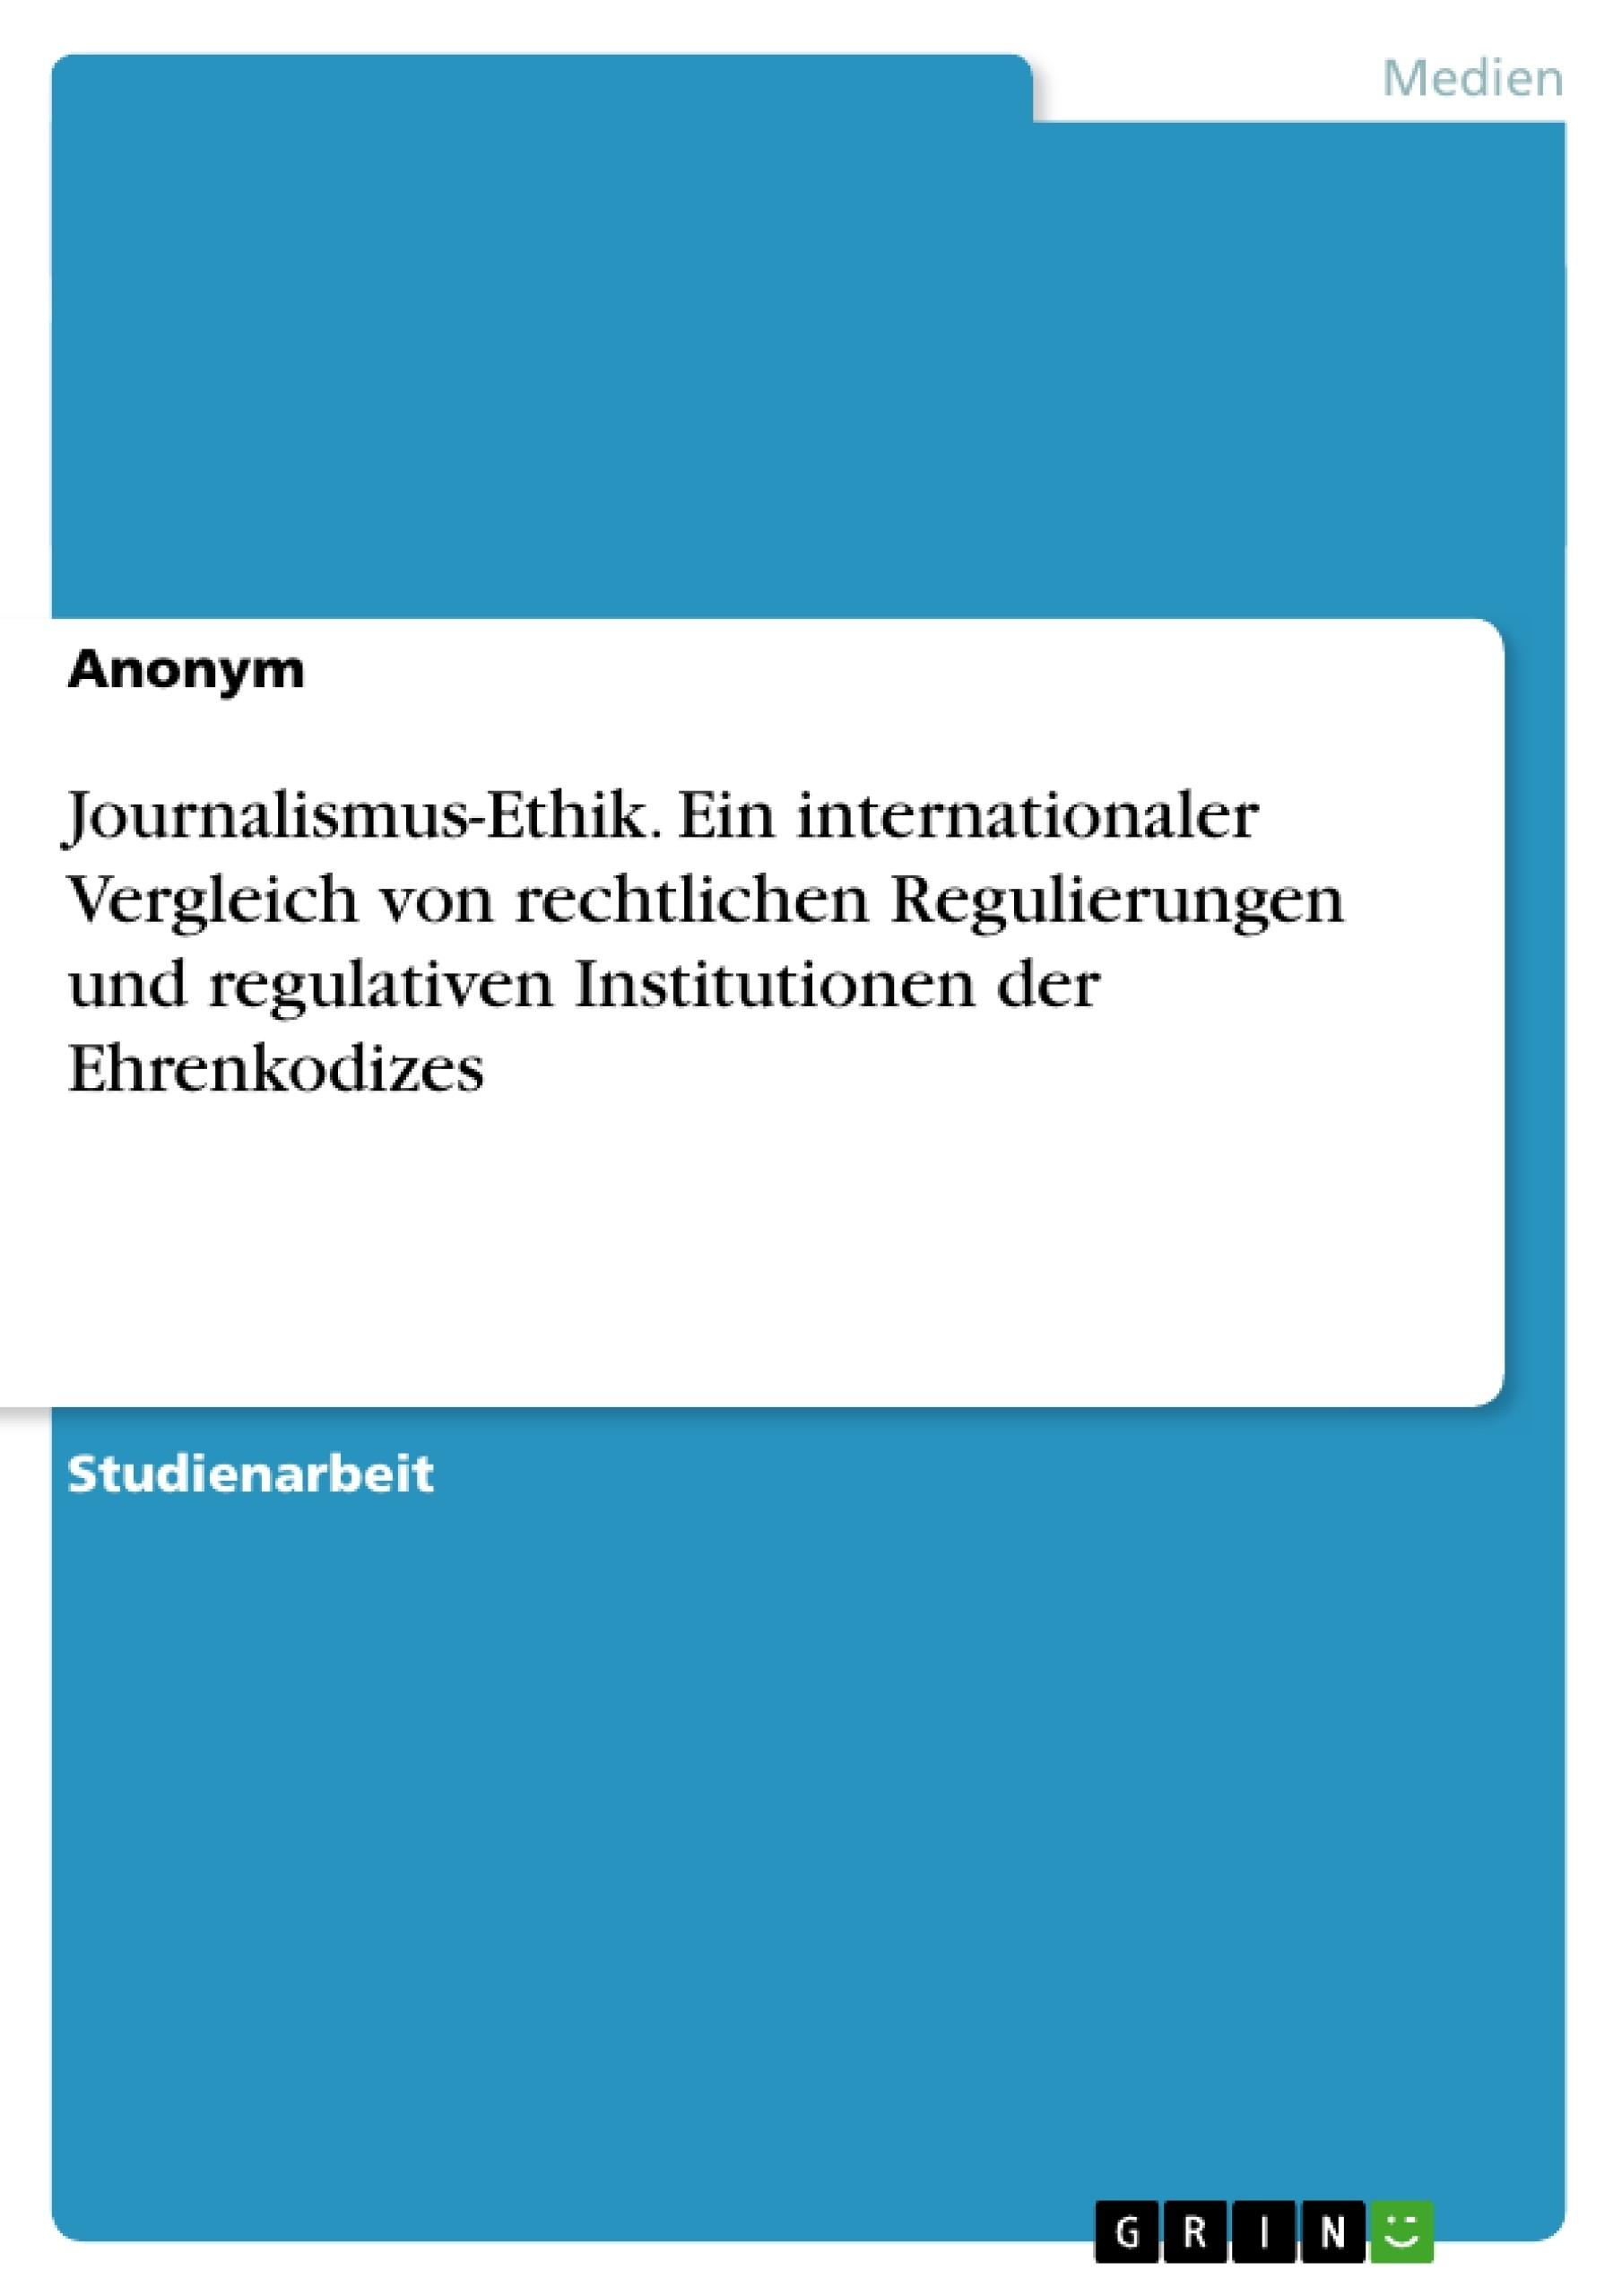 Titel: Journalismus-Ethik. Ein internationaler Vergleich von rechtlichen Regulierungen und regulativen Institutionen der Ehrenkodizes